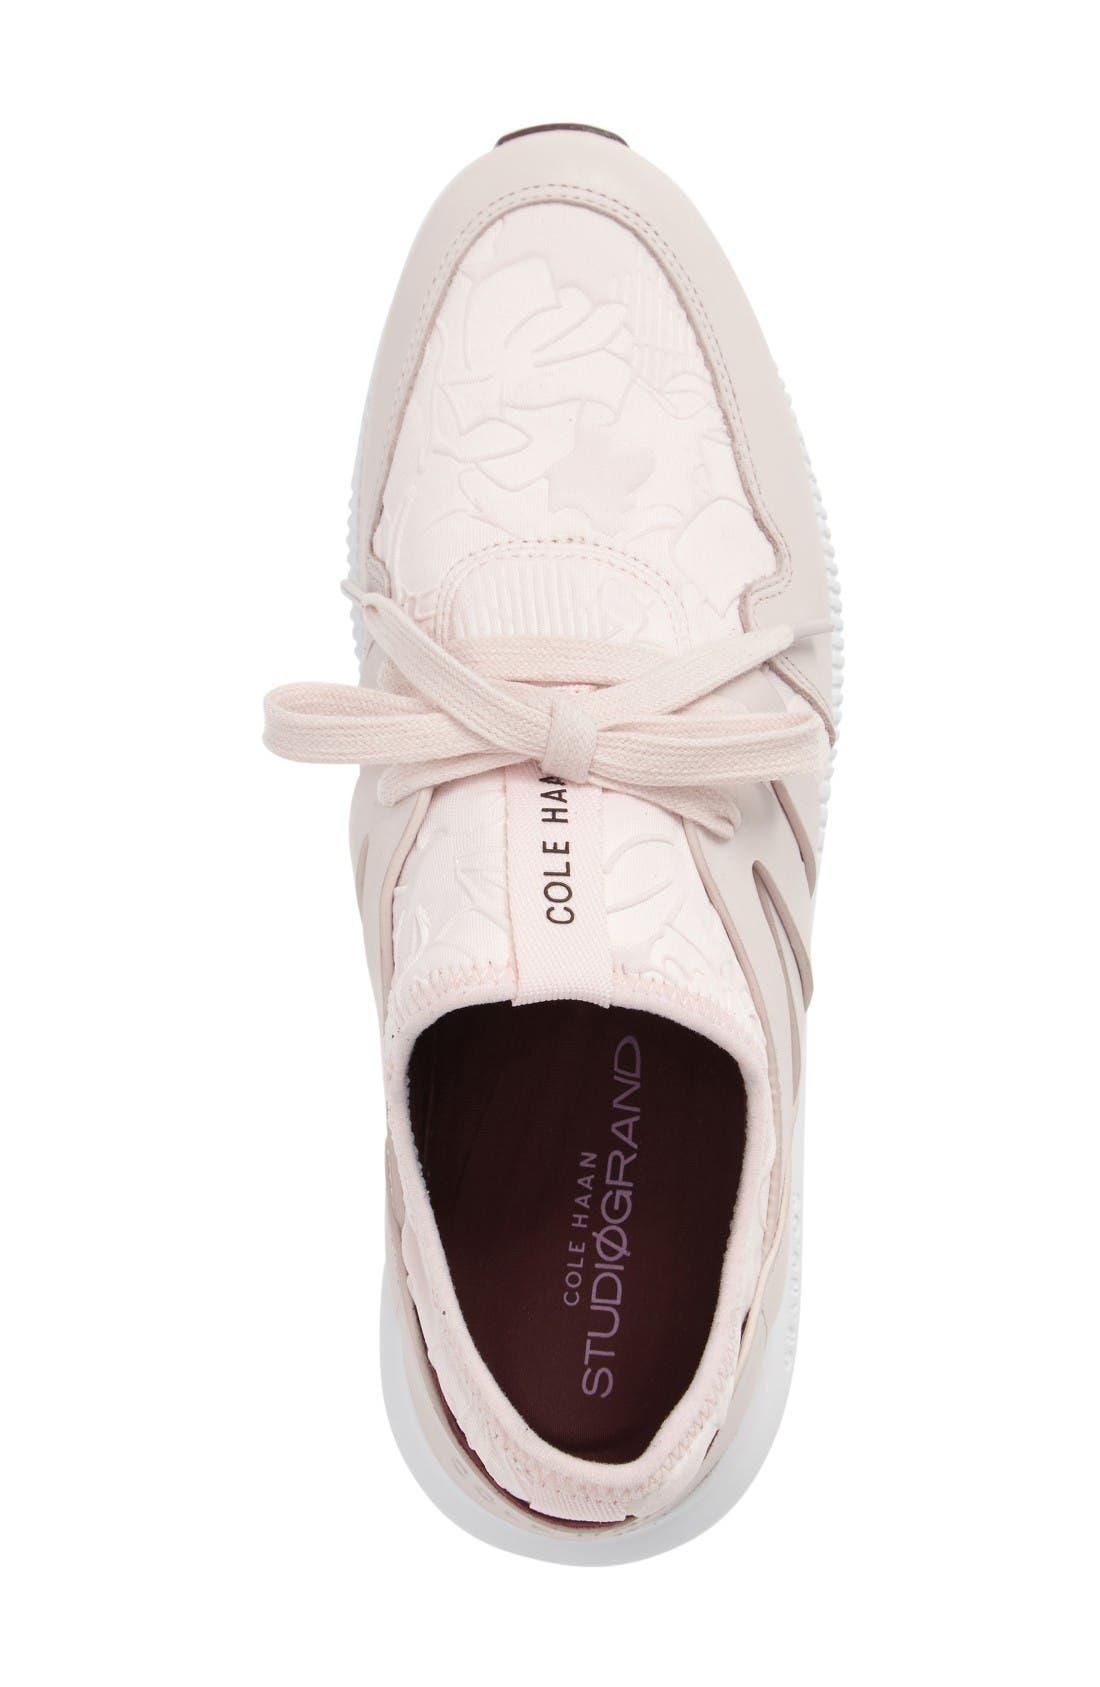 Alternate Image 3  - Cole Haan 'StudioGrand' Sneaker (Women)